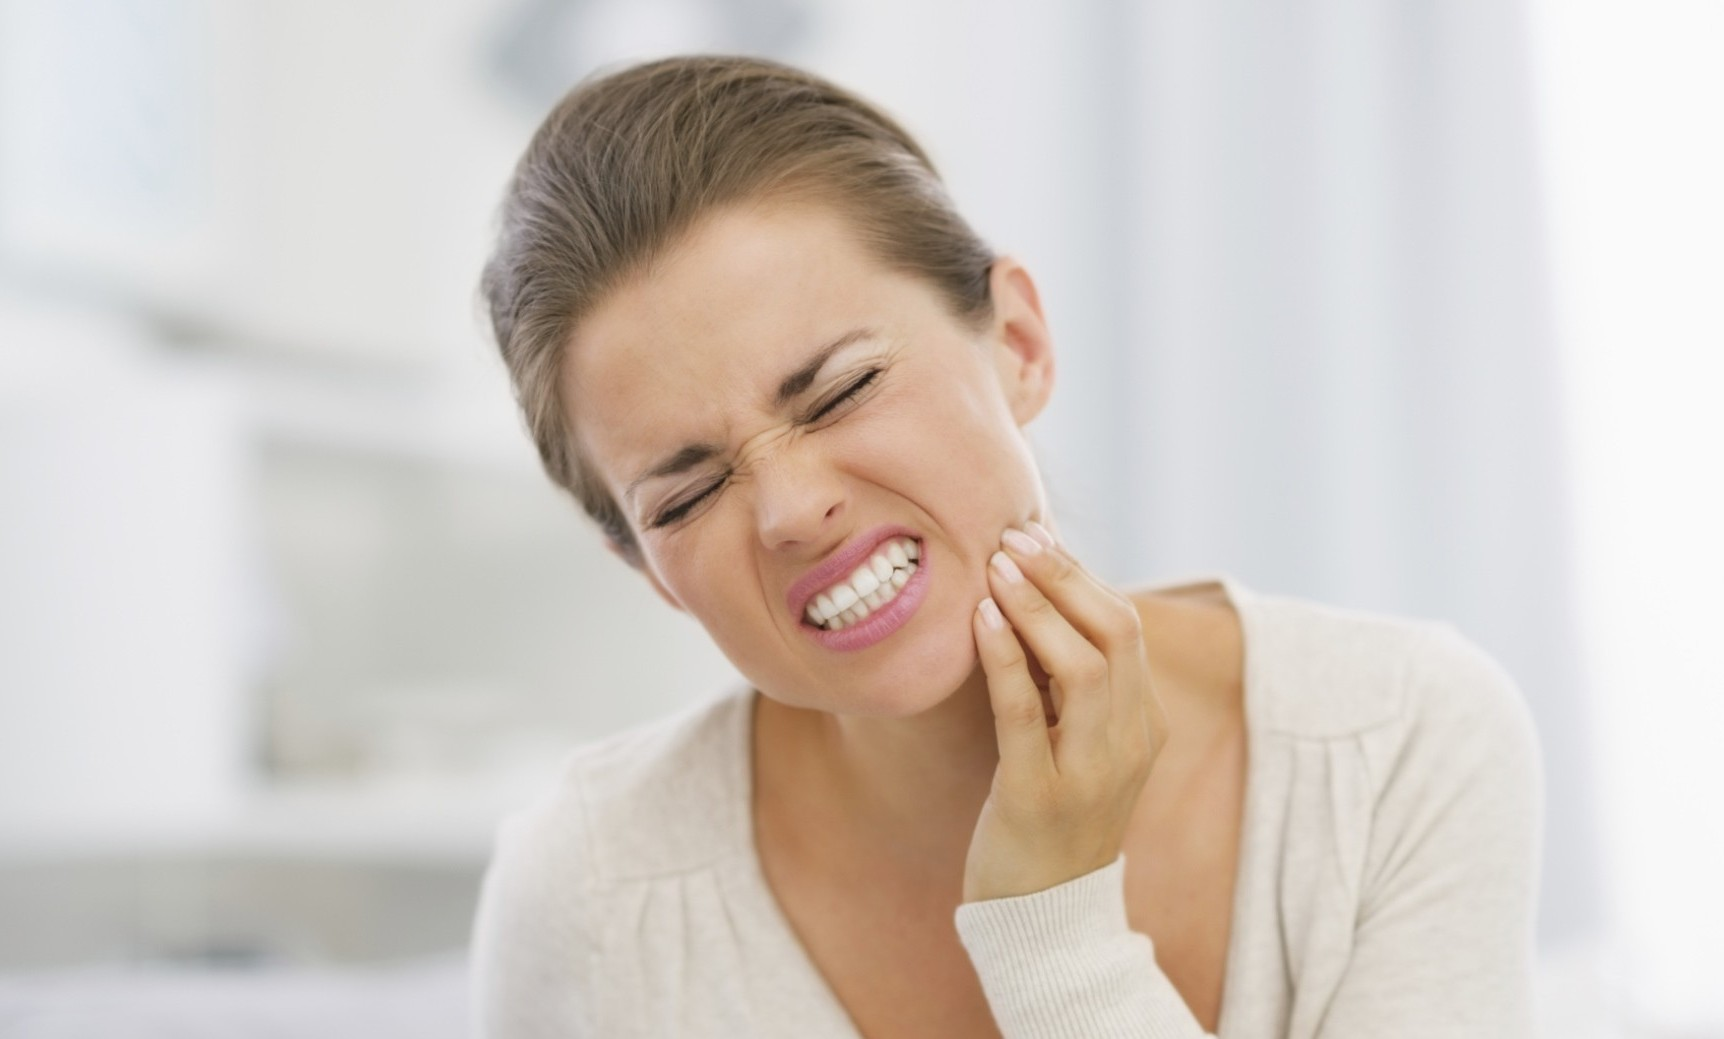 Оголенный нерв зуба: что делать?